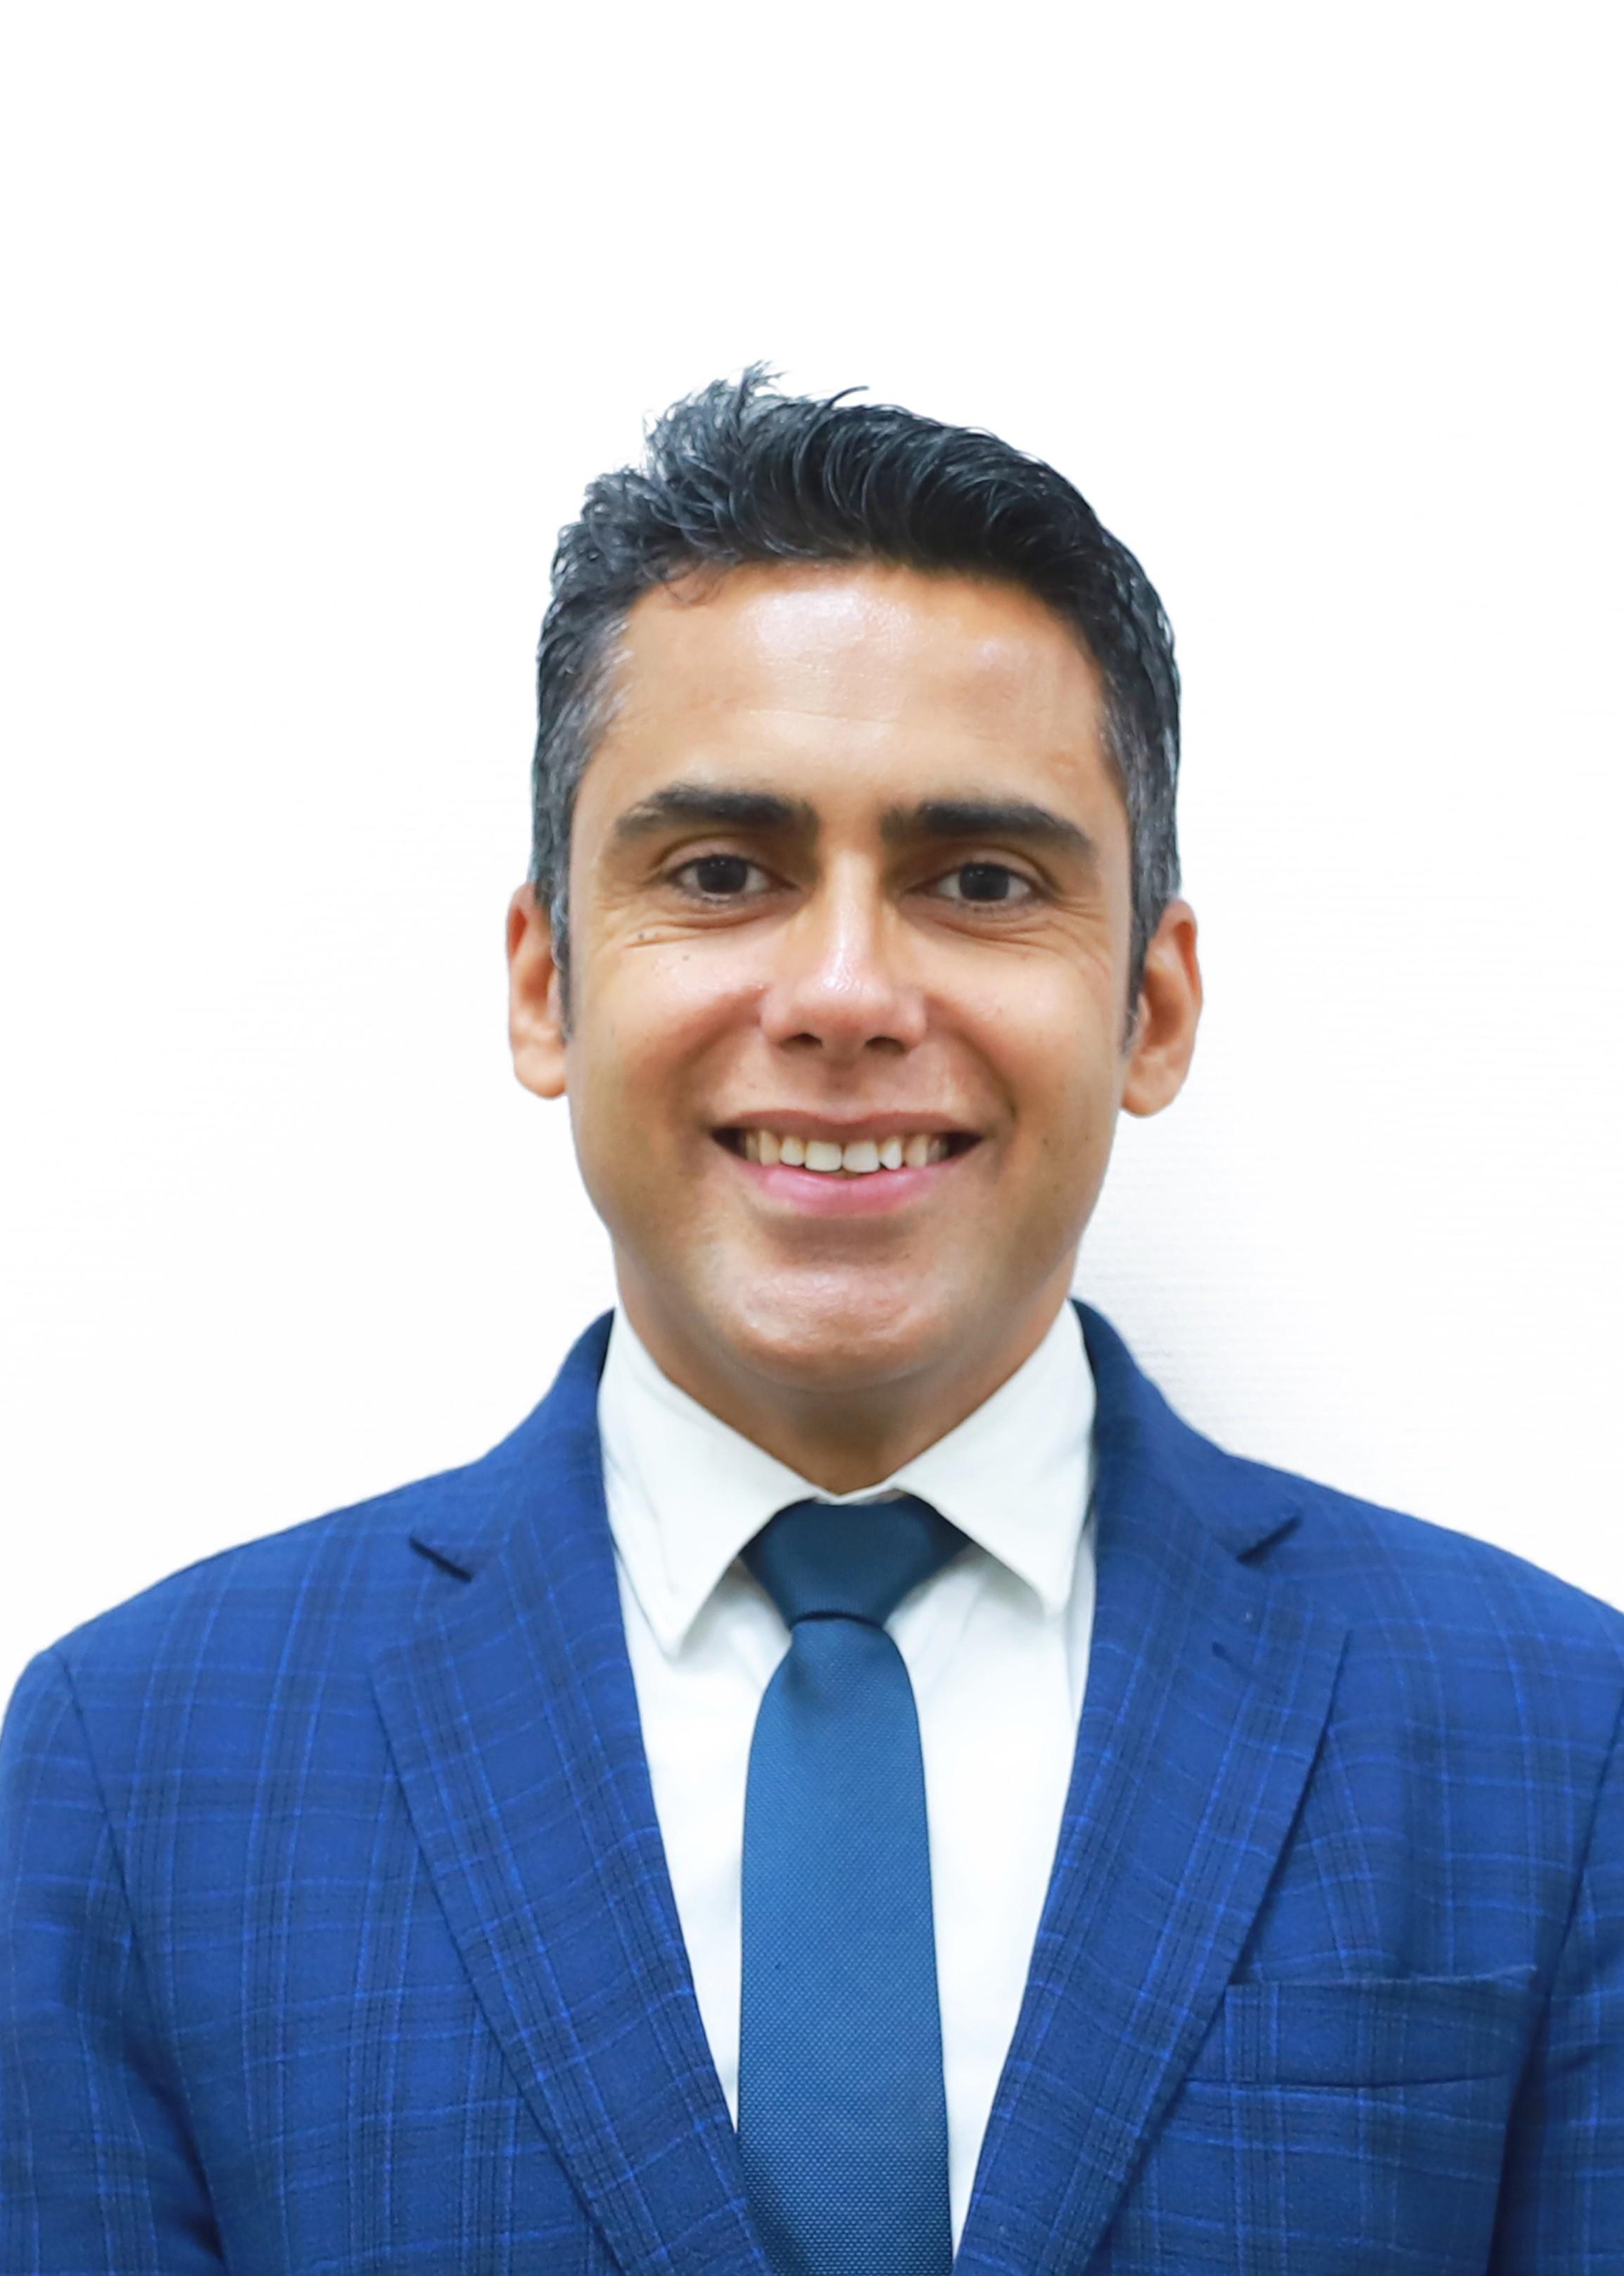 Mr. Adriano Delima